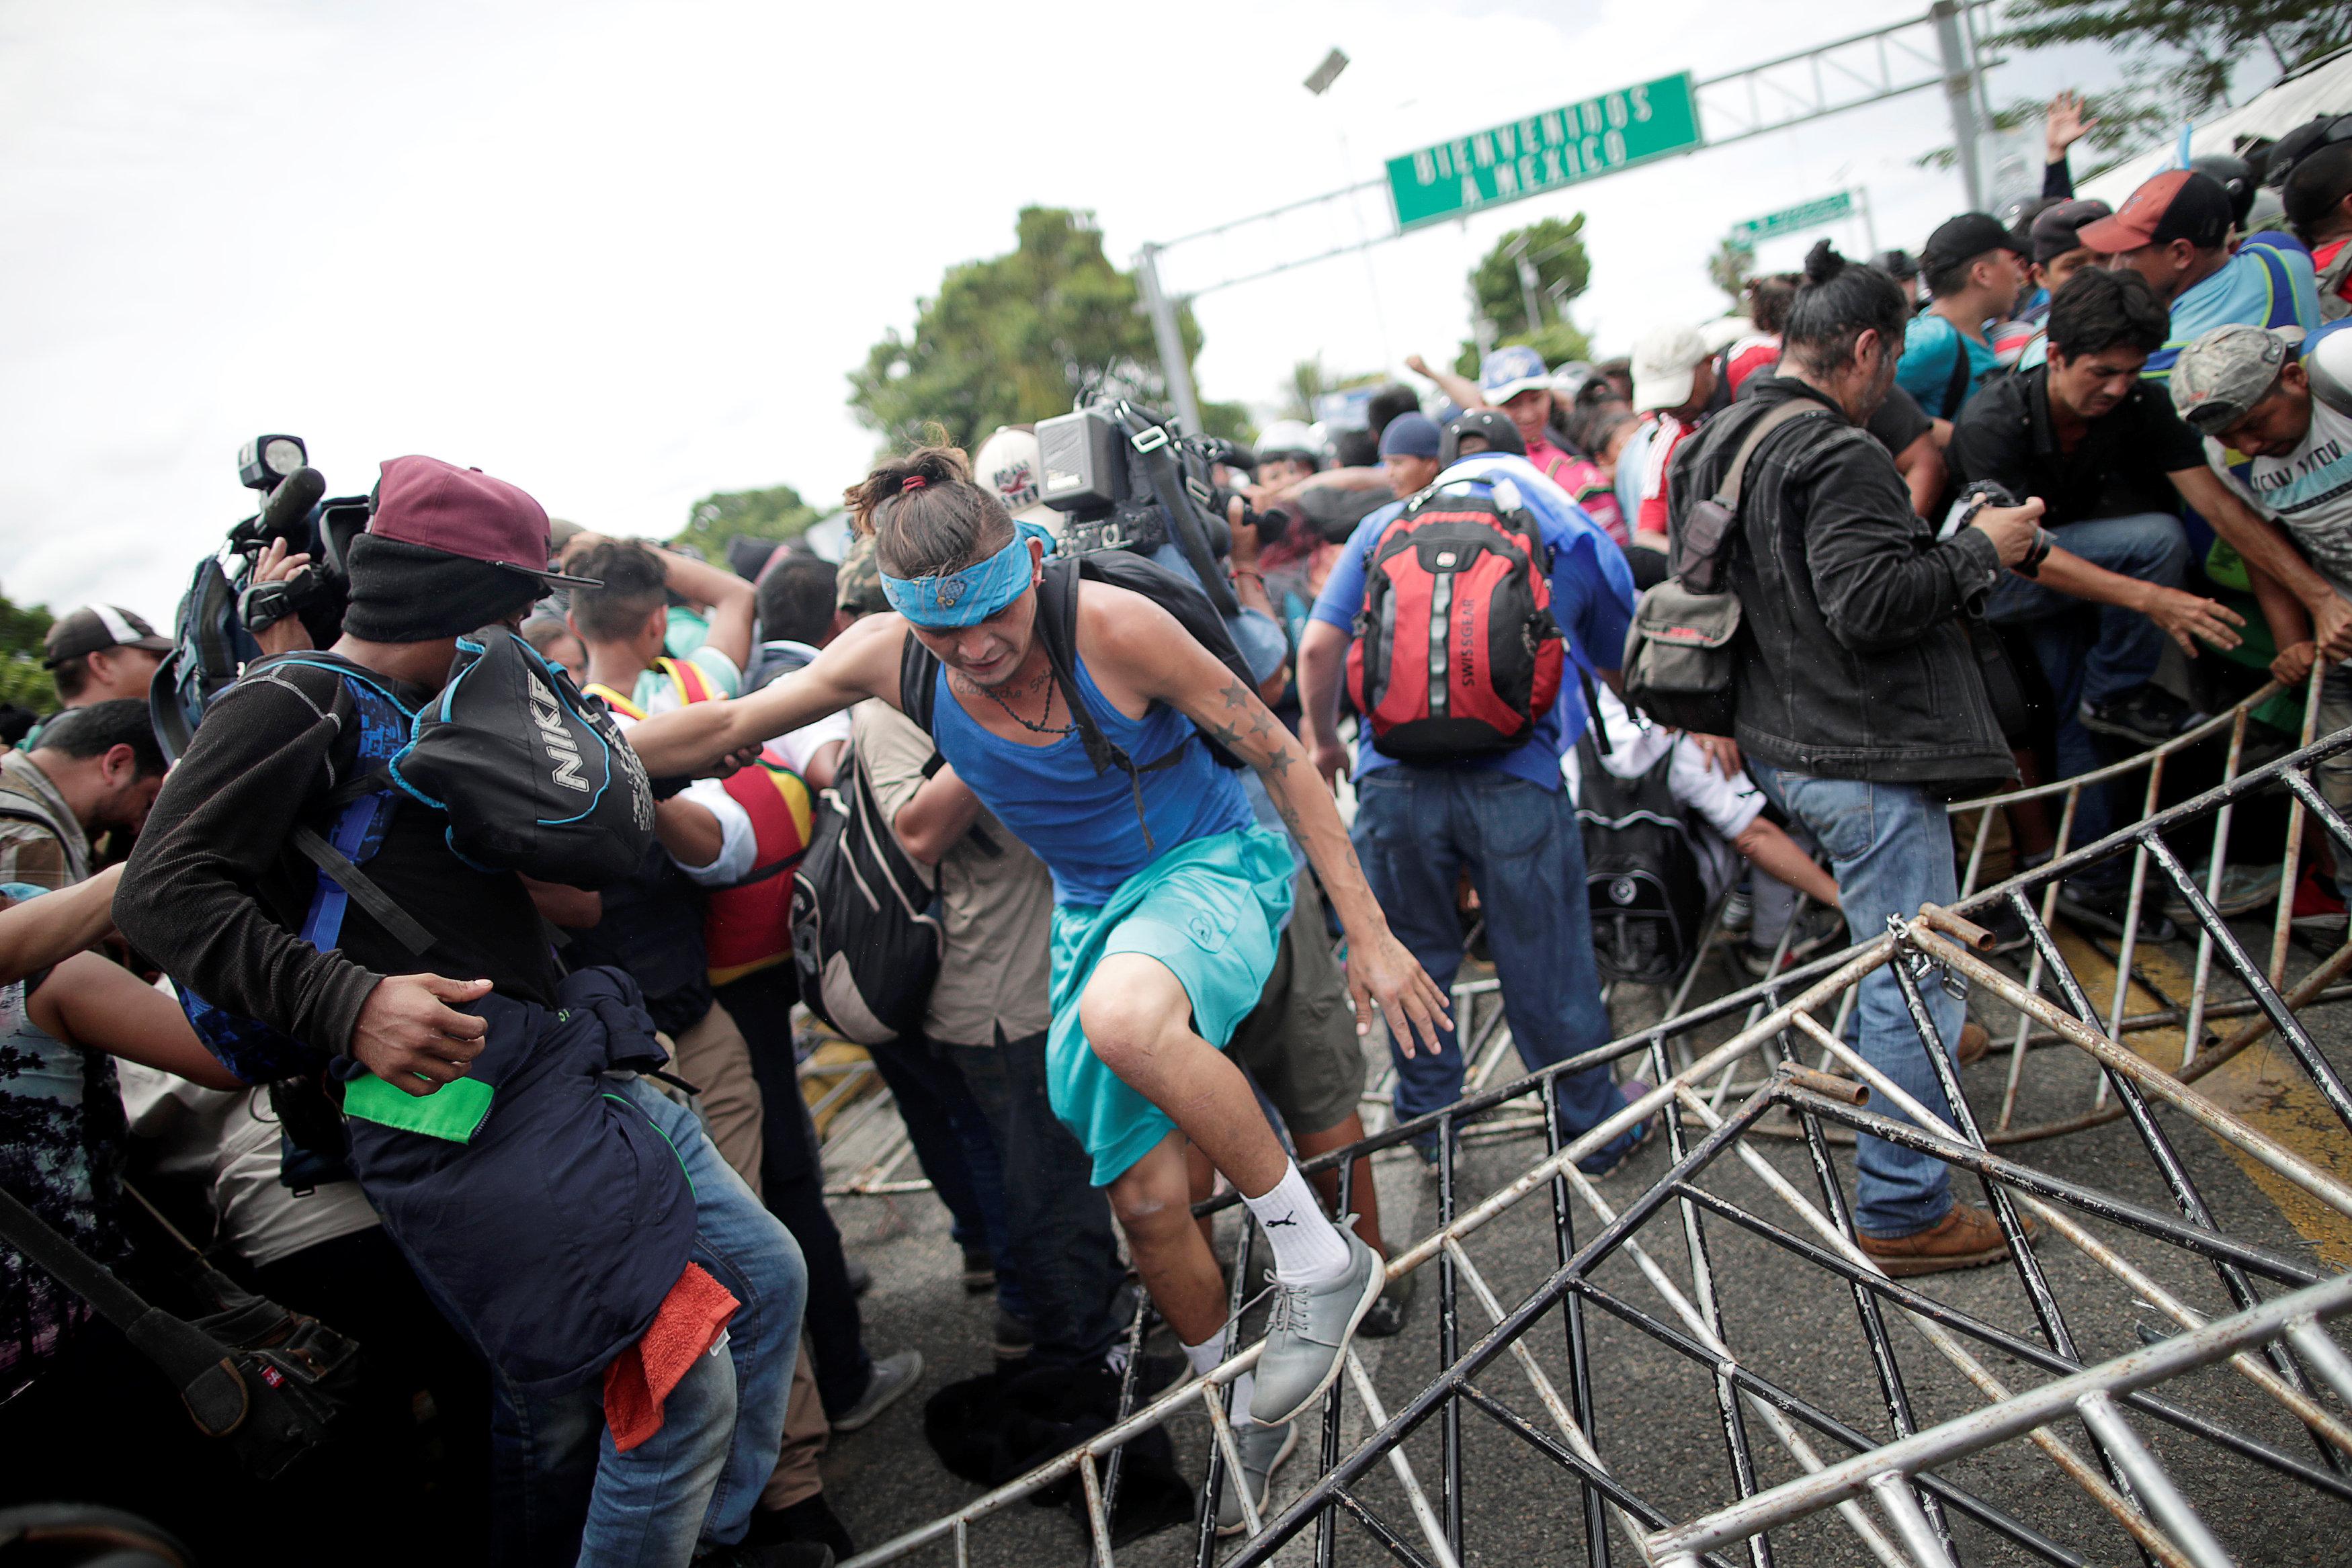 سكان هندوراس يهربون إلى جواتيمالا